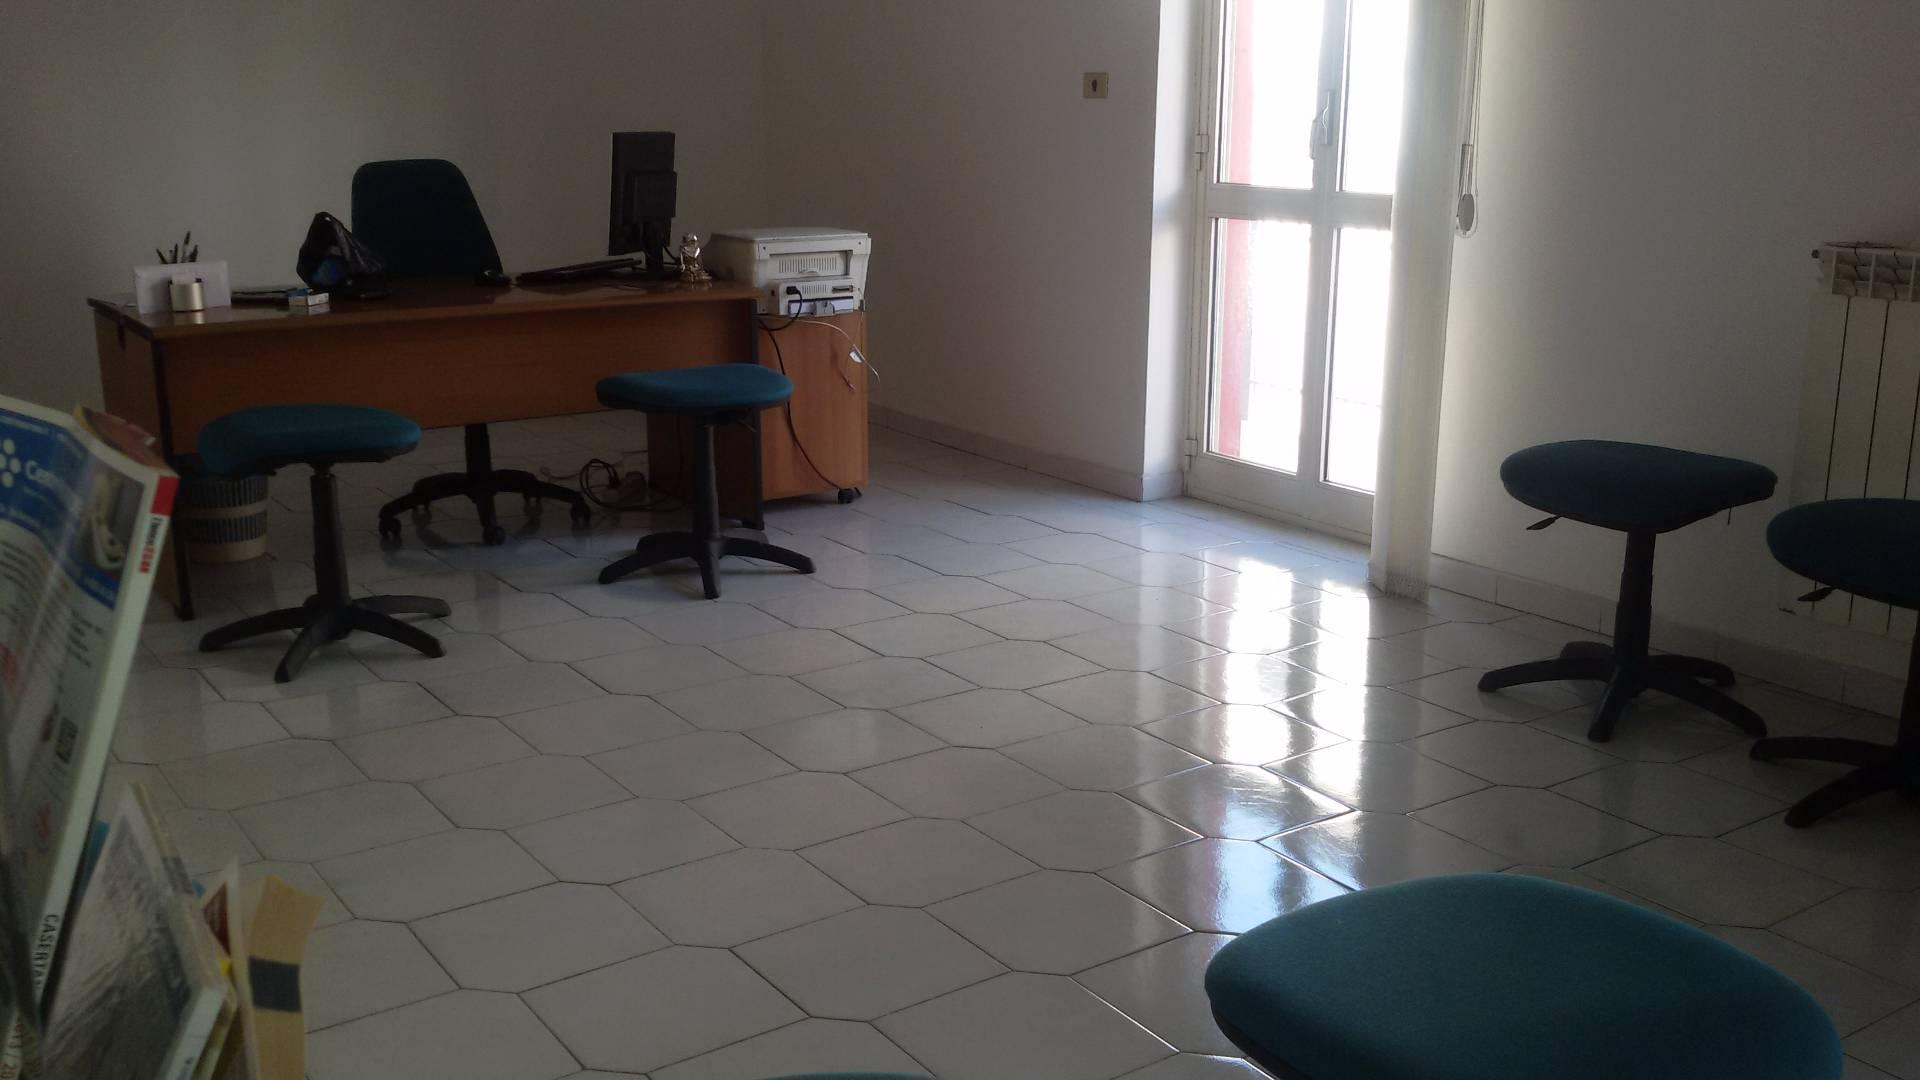 Ufficio / Studio in affitto a San Marco Evangelista, 9999 locali, Trattative riservate | Cambio Casa.it